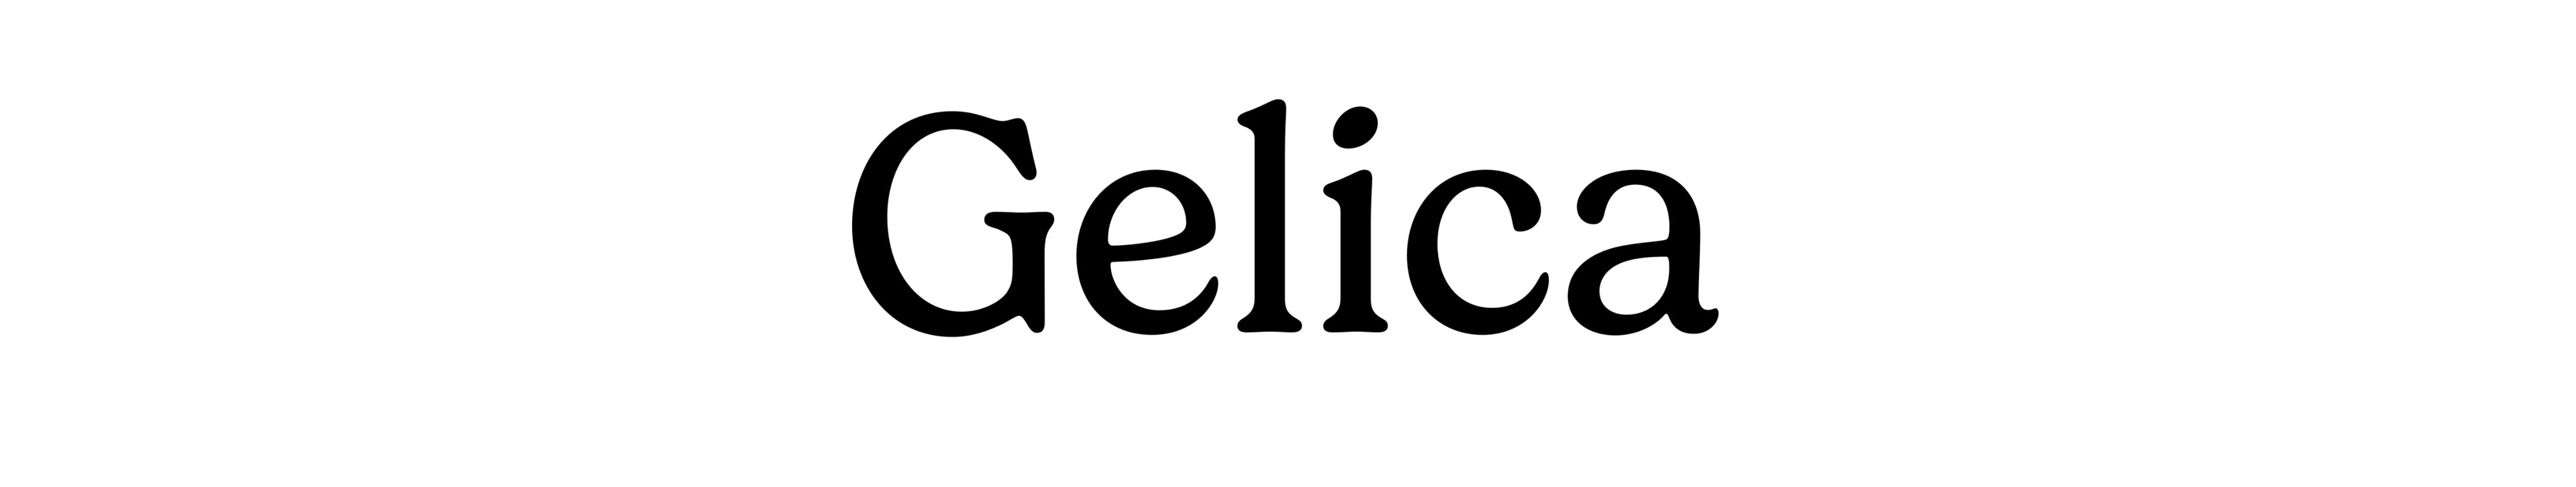 Gelica